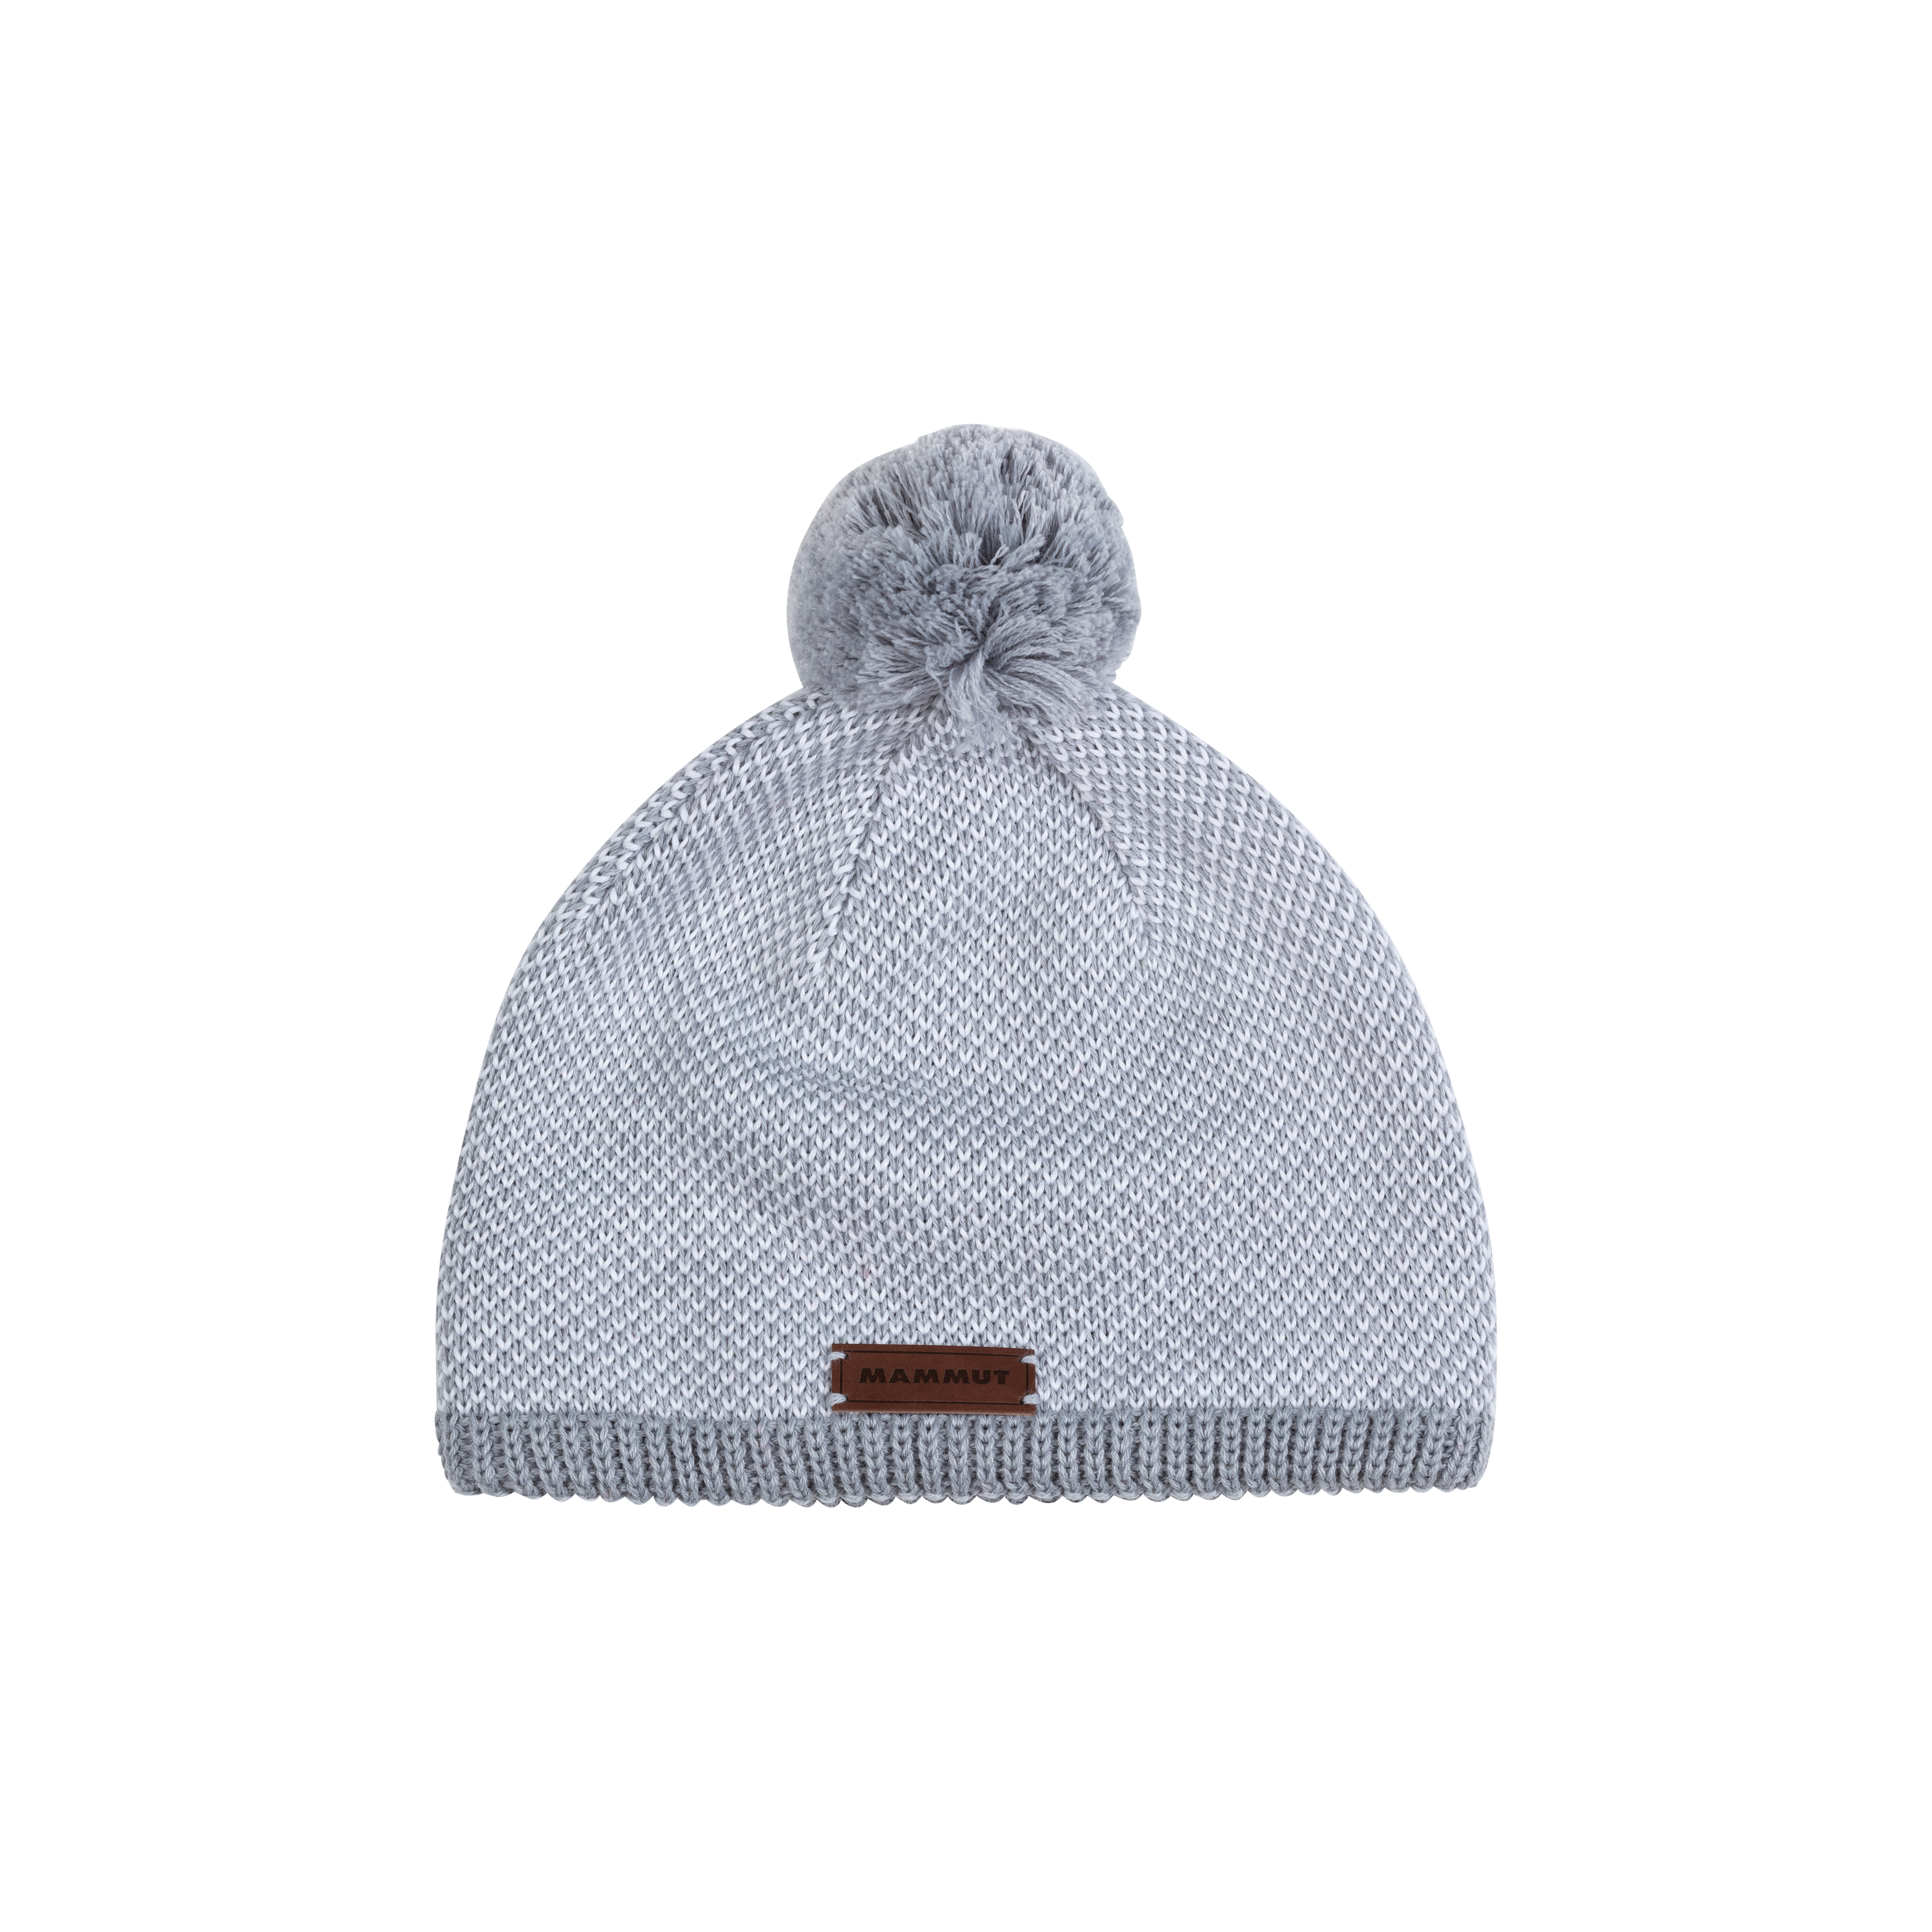 Snow Beanie - highway-white, one size thumbnail